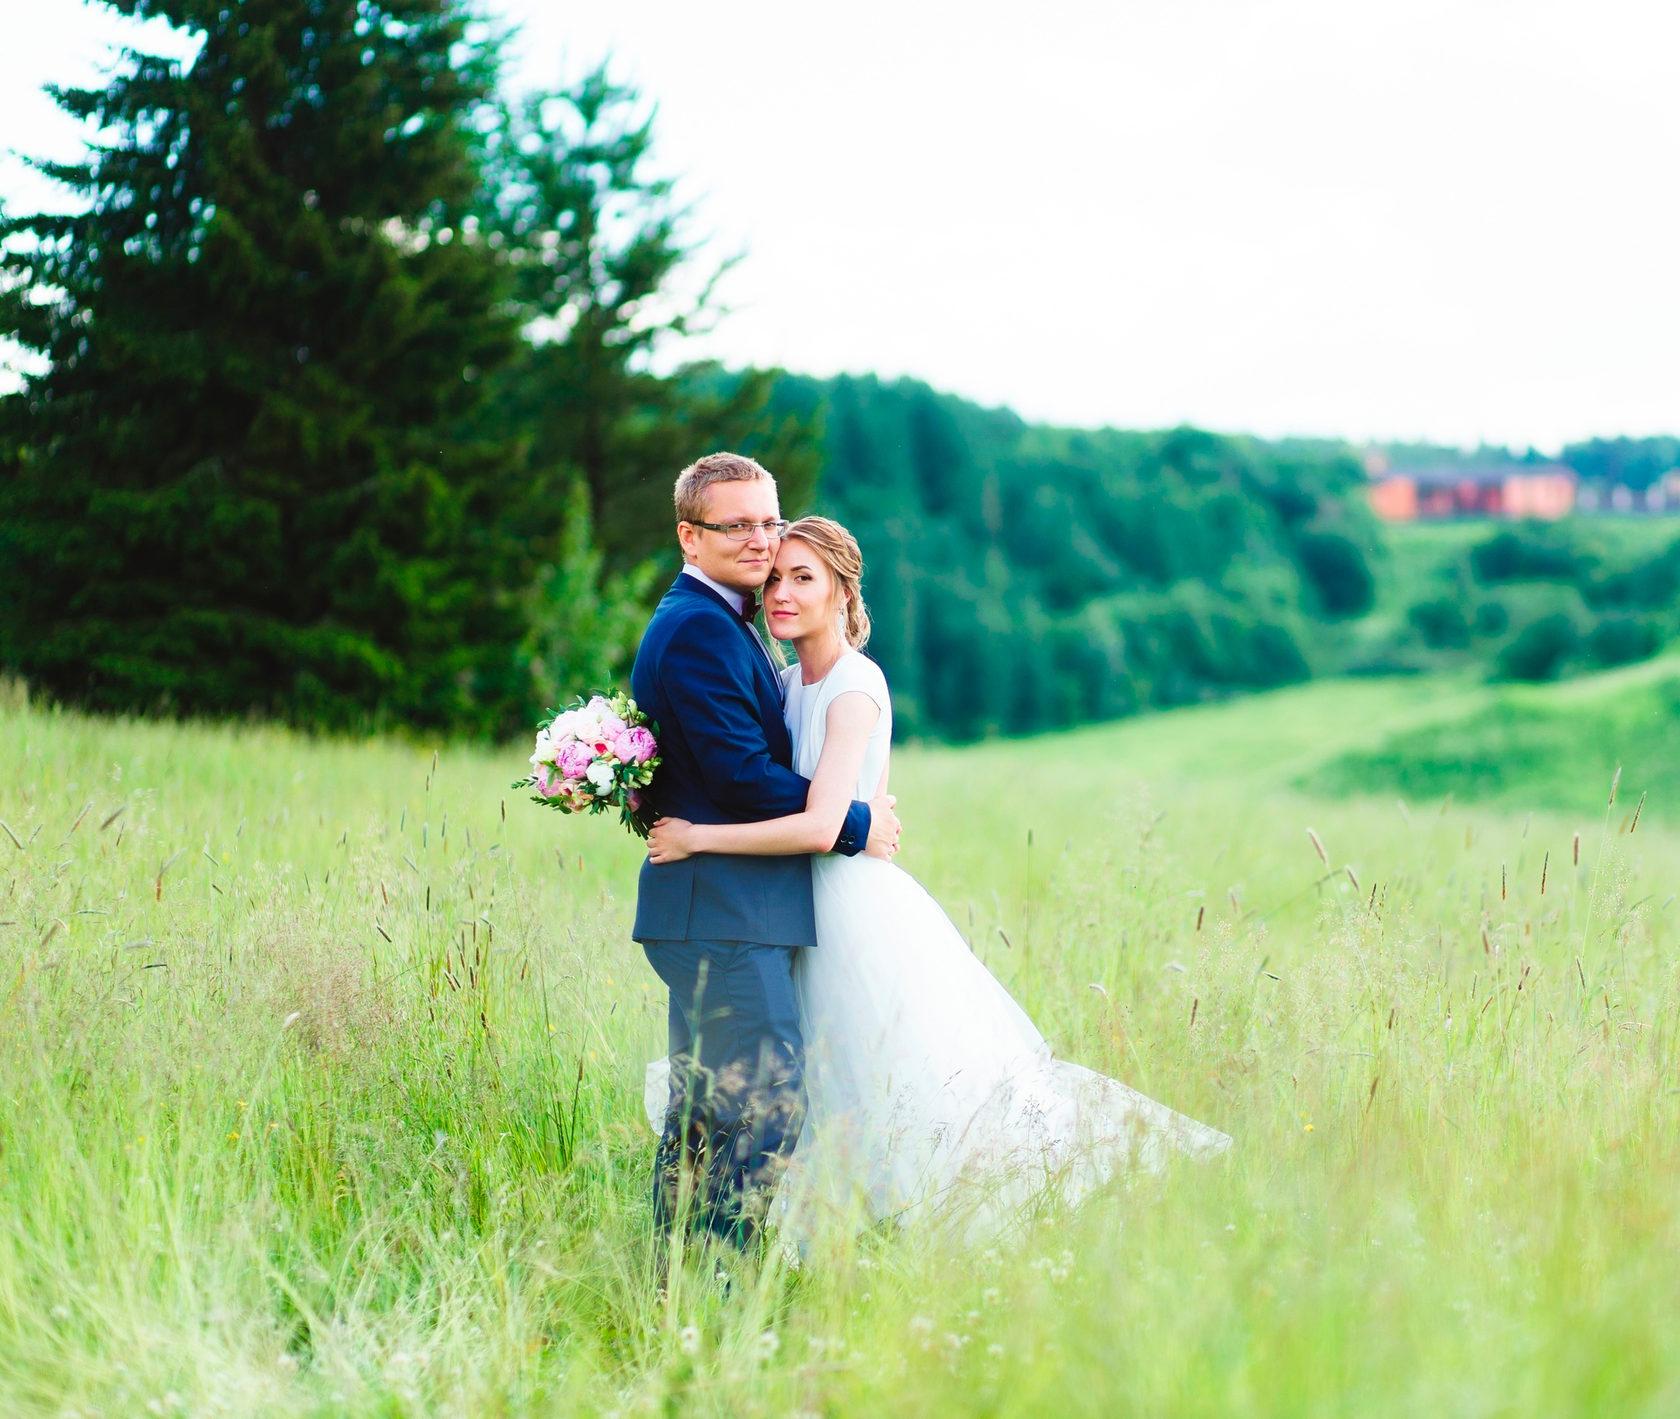 где сфотографироваться на свадьбе архангельск срочные